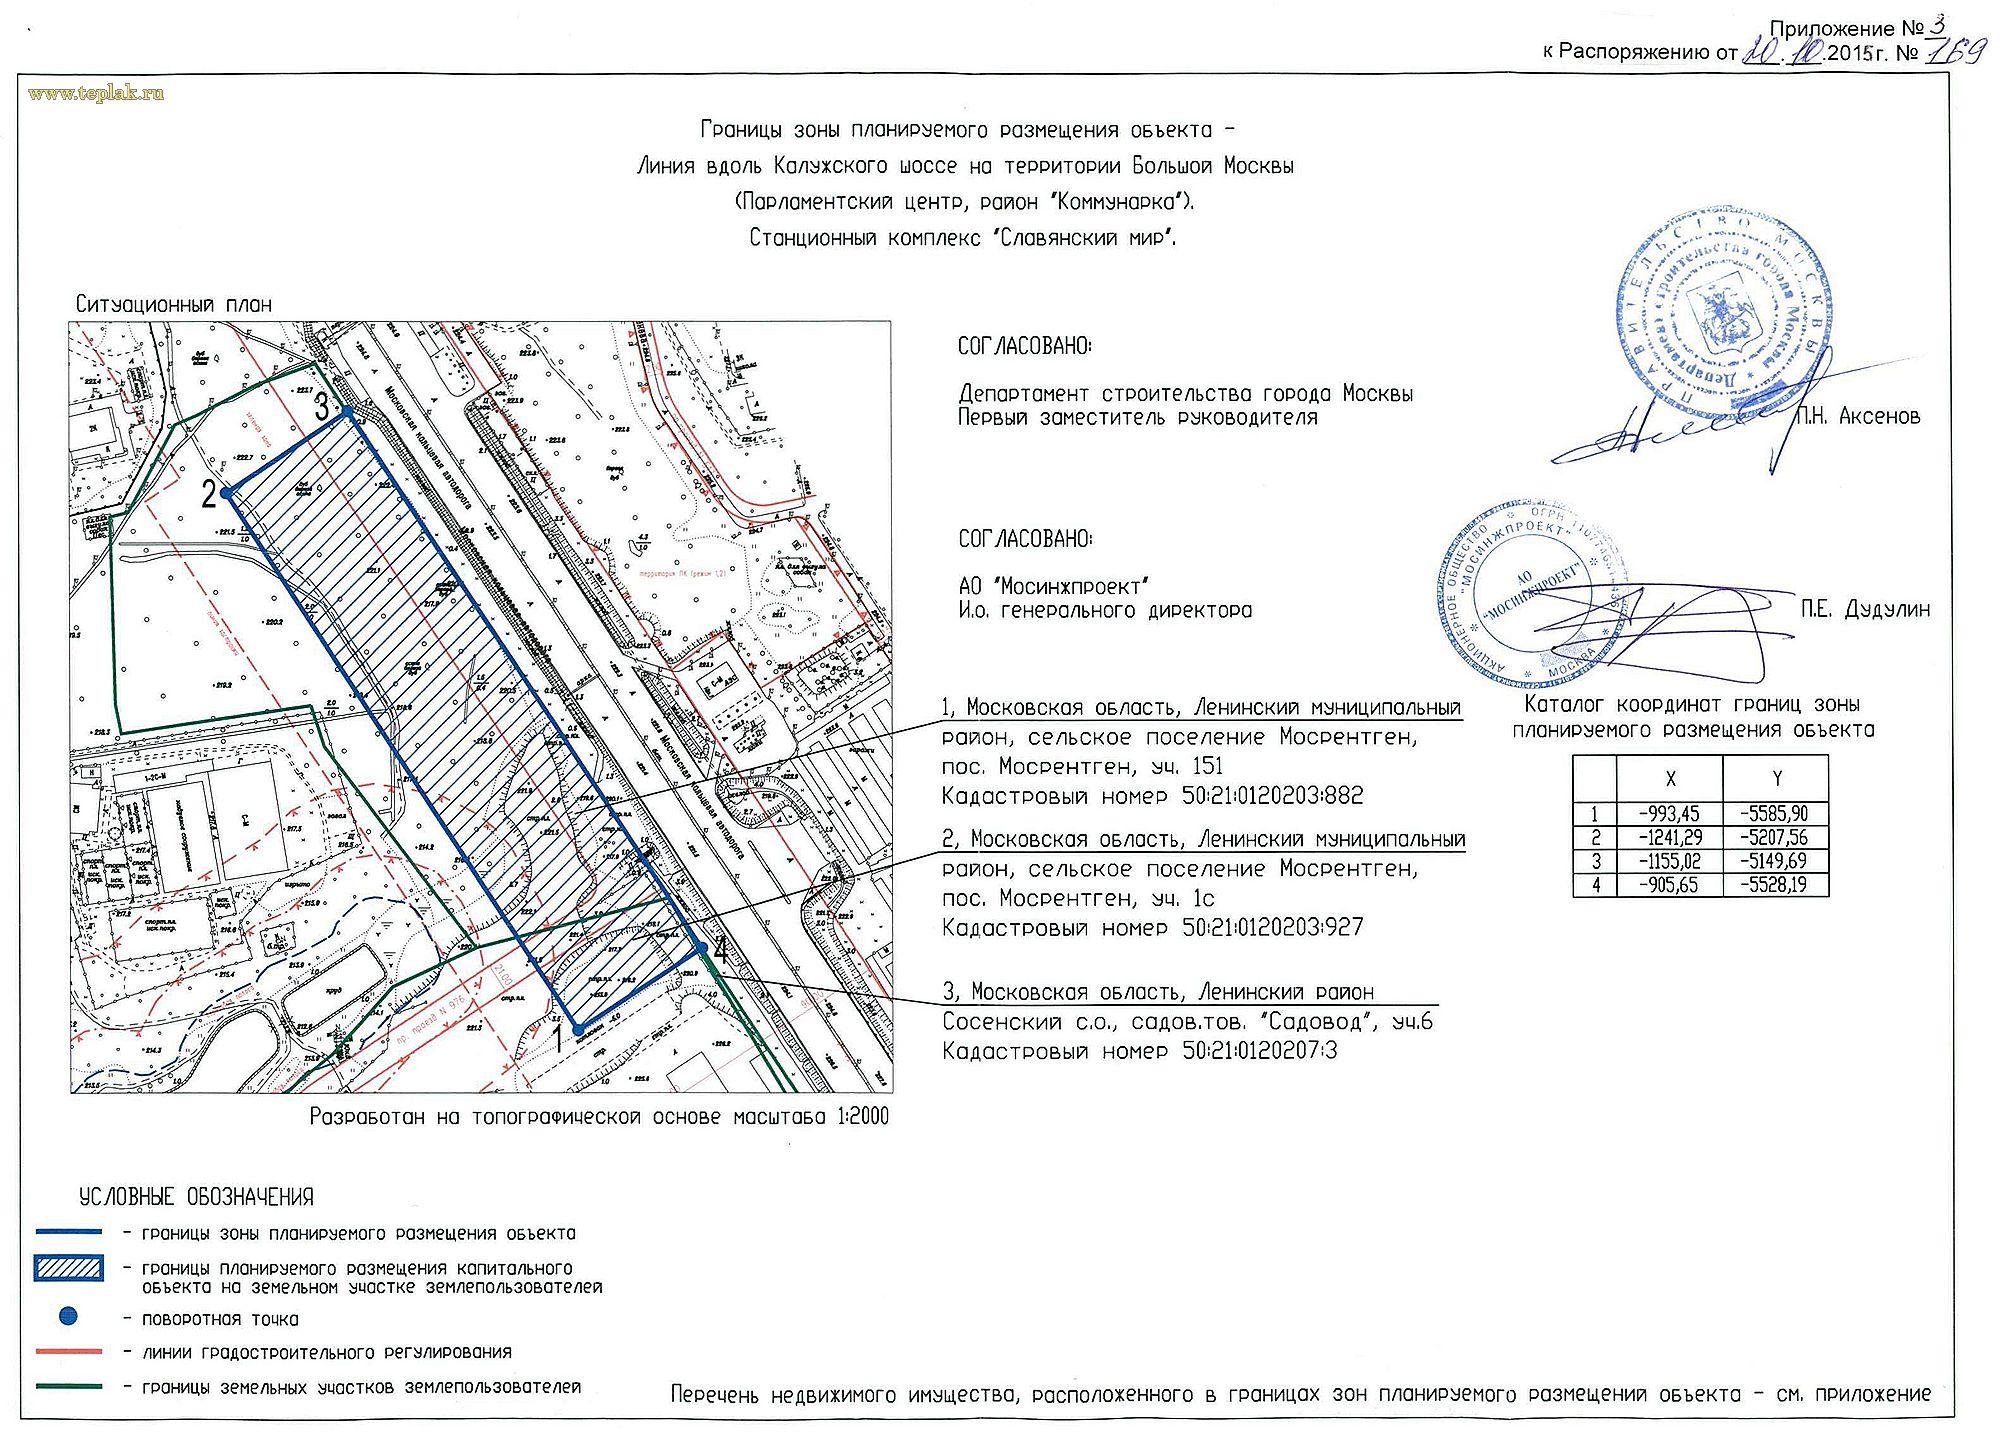 Схема границ для разрешения на размещение линейного объекта